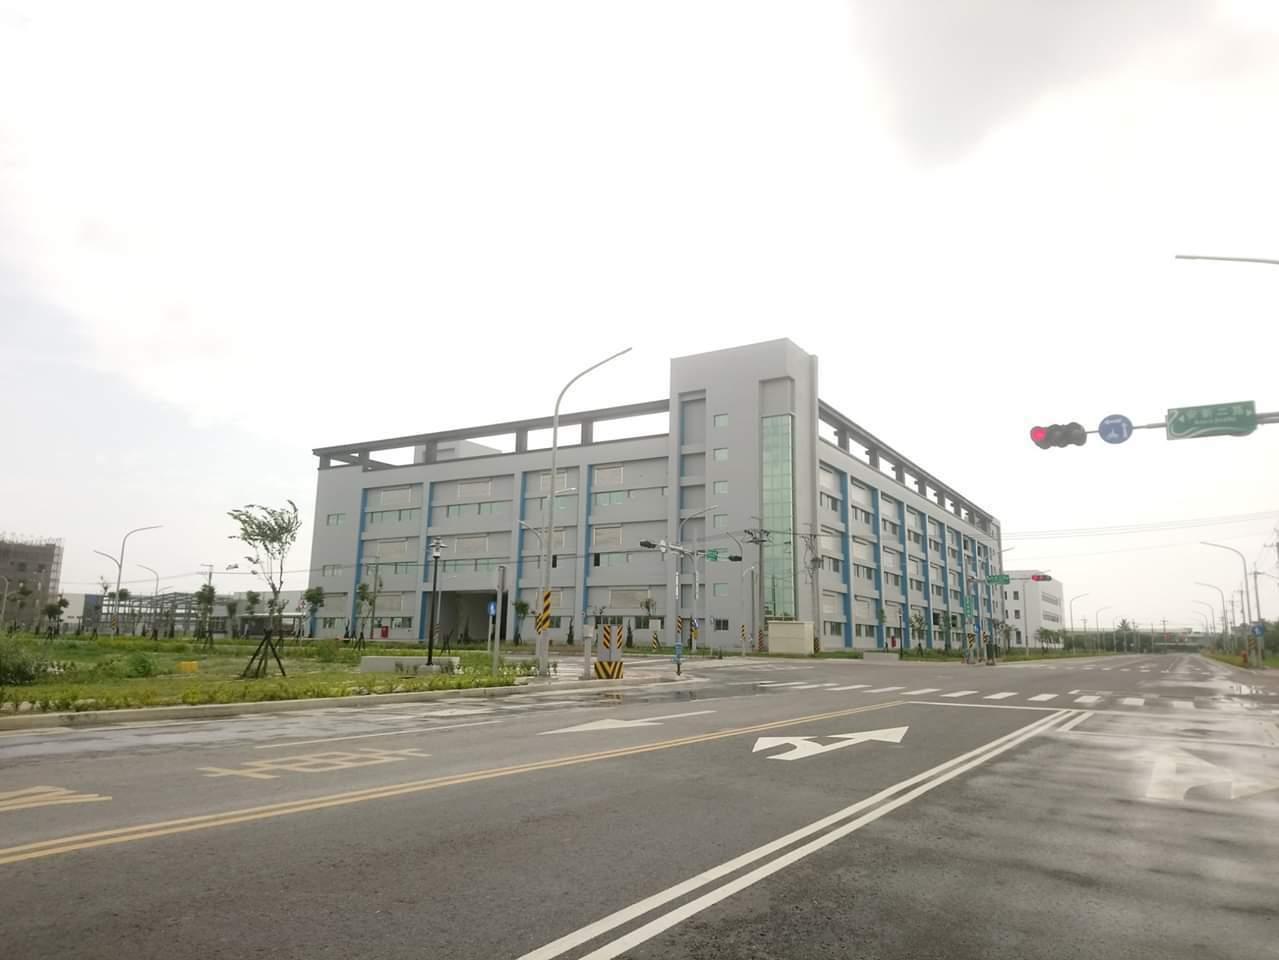 前四期出租率百分百,台南市新吉工業區續辦用地招租作業。圖/取自新吉工業區粉絲團